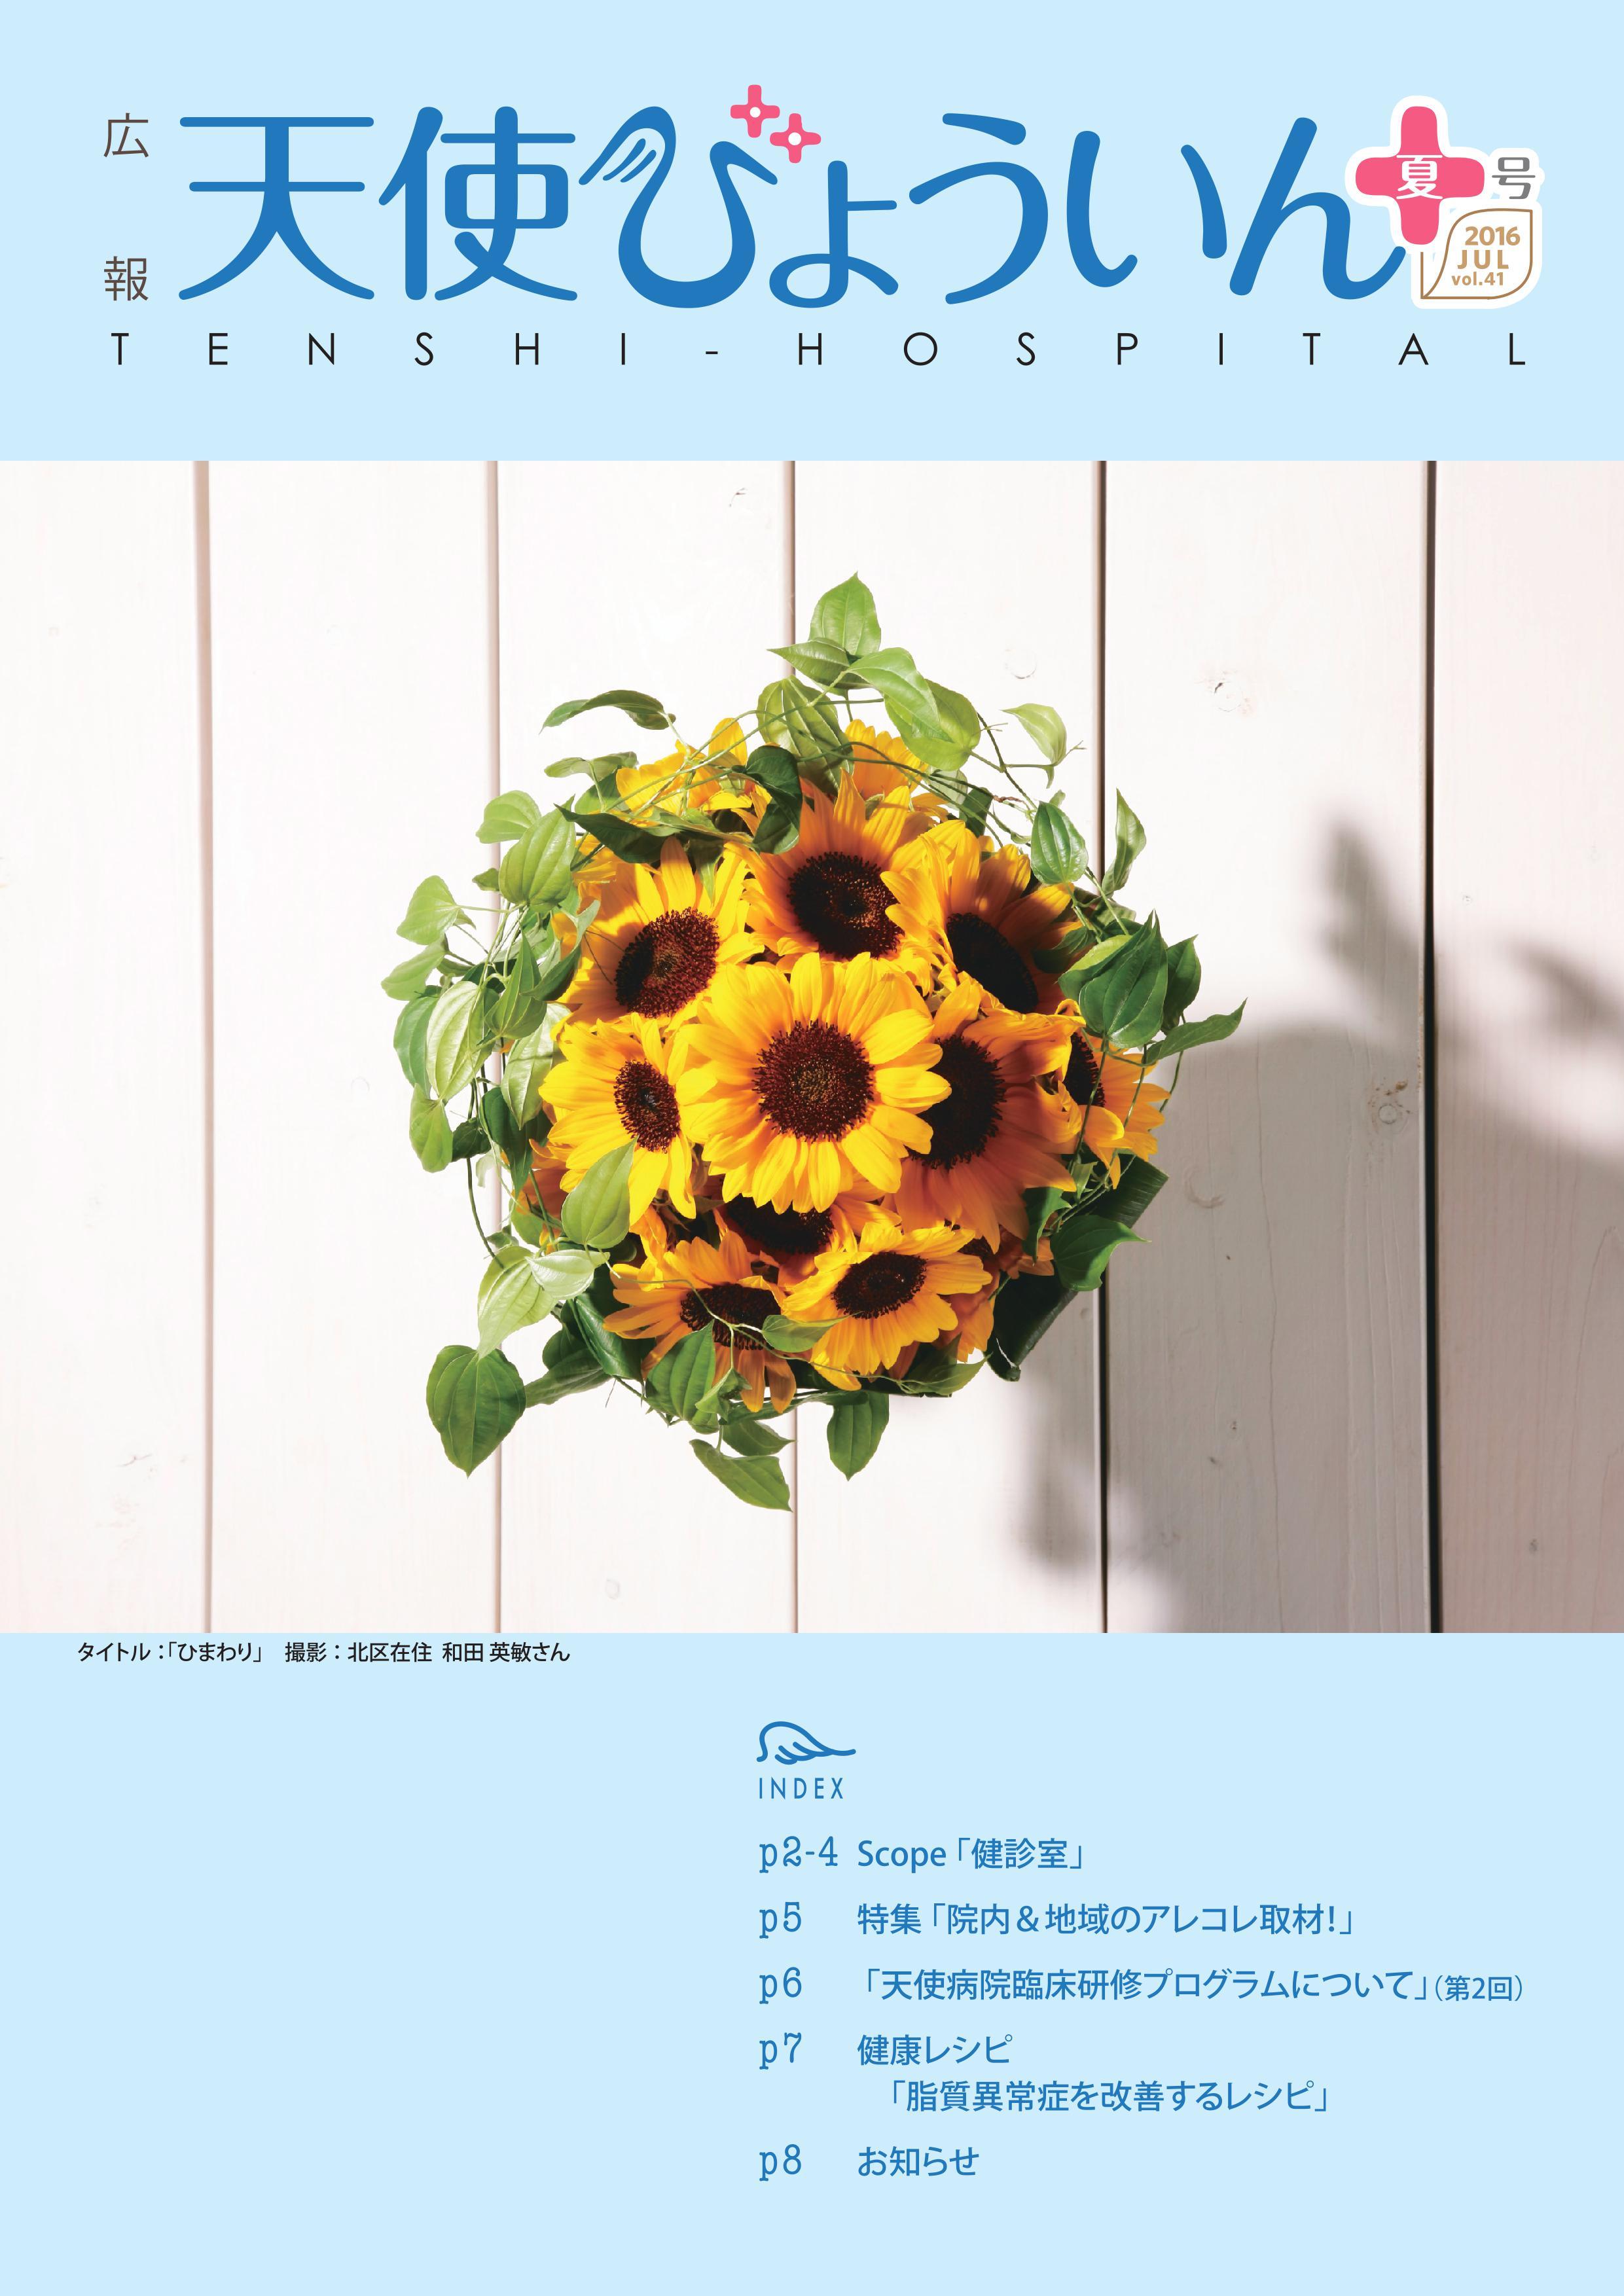 2016広報誌夏号(Vol.41)_表紙.jpg